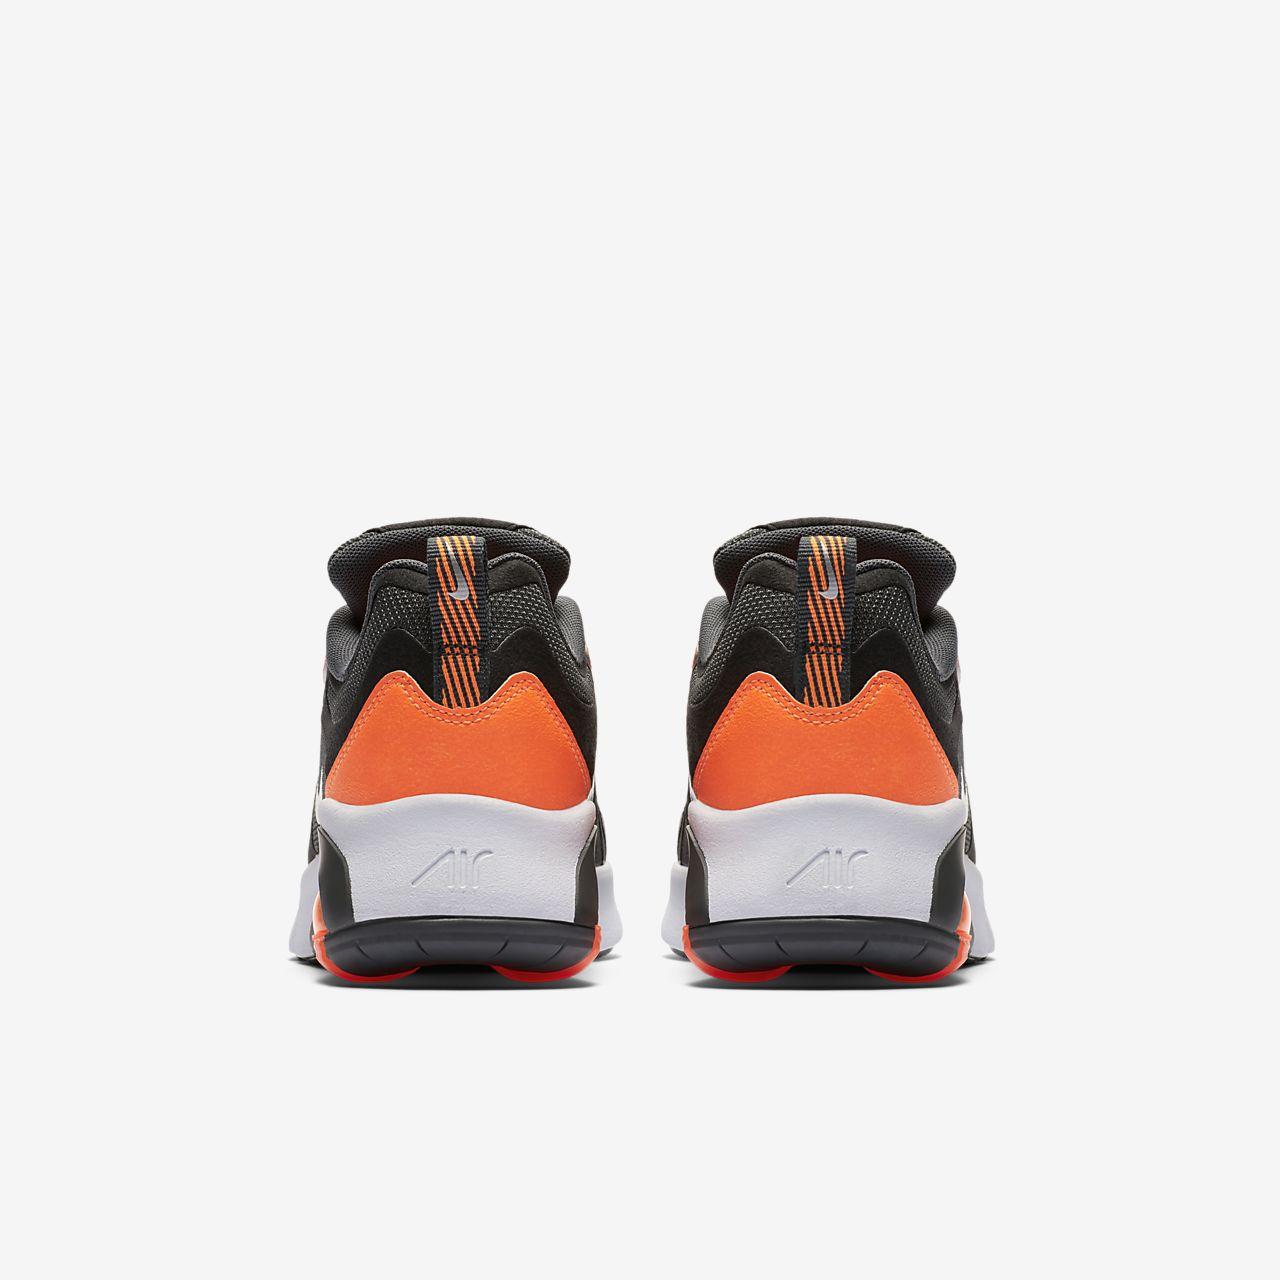 Âgé Chaussure Max Air Enfant Plus Nike Pour 200 Winter xeBCrdo